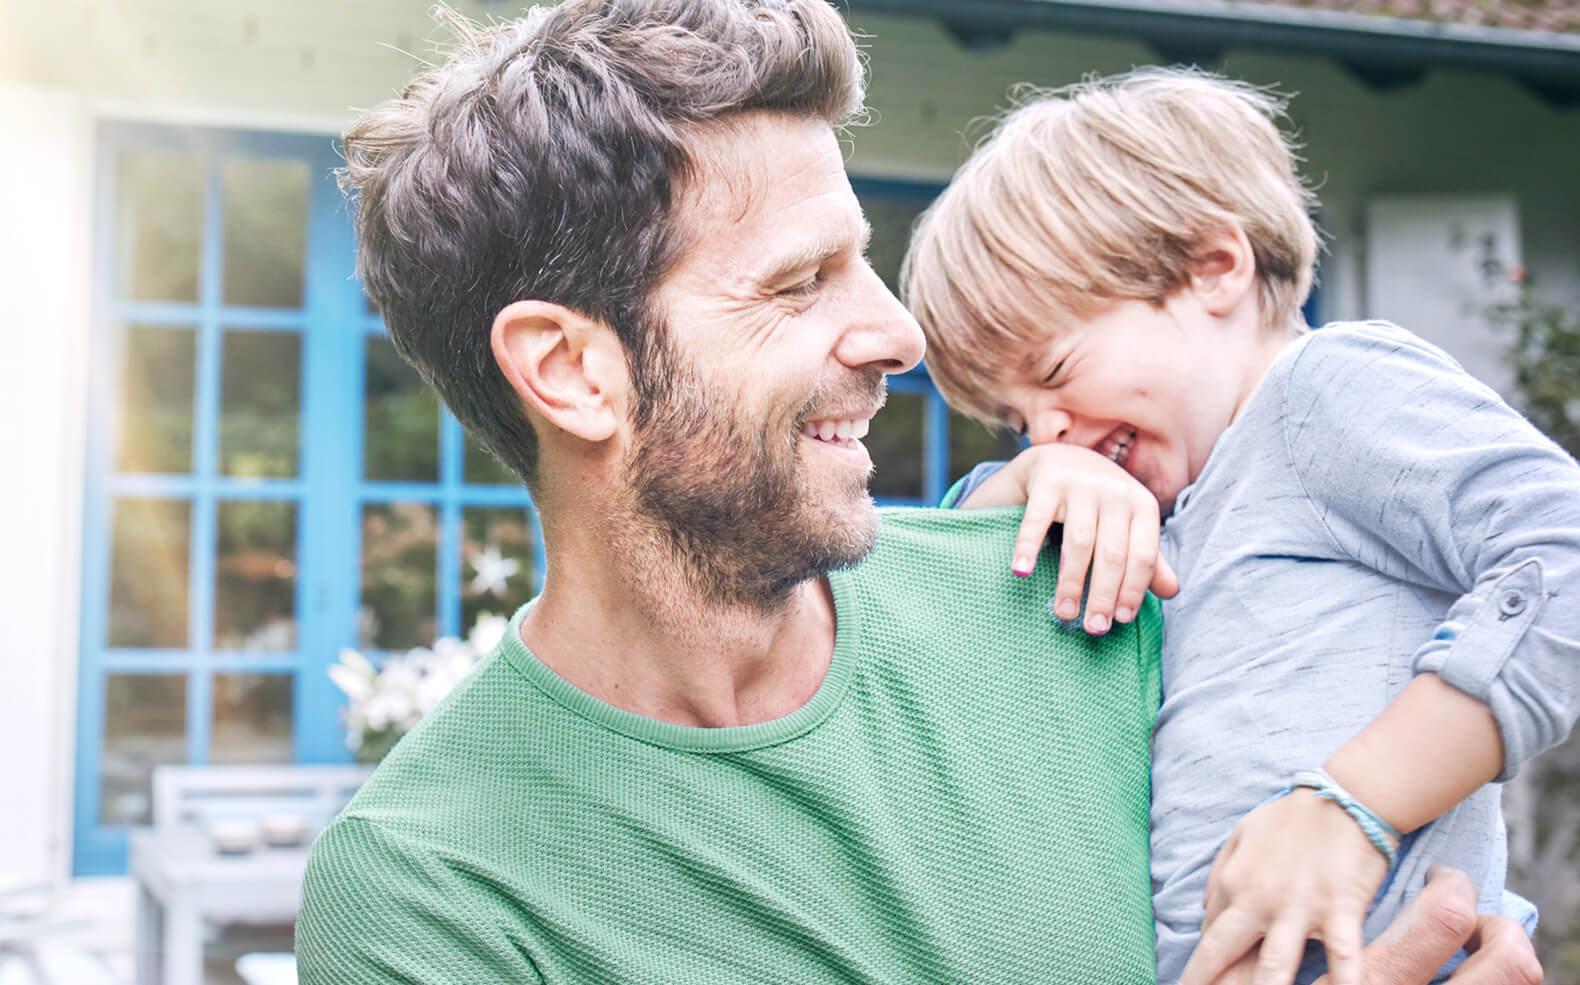 Úspěšný ETF investor smějící se a držící syna v náručí